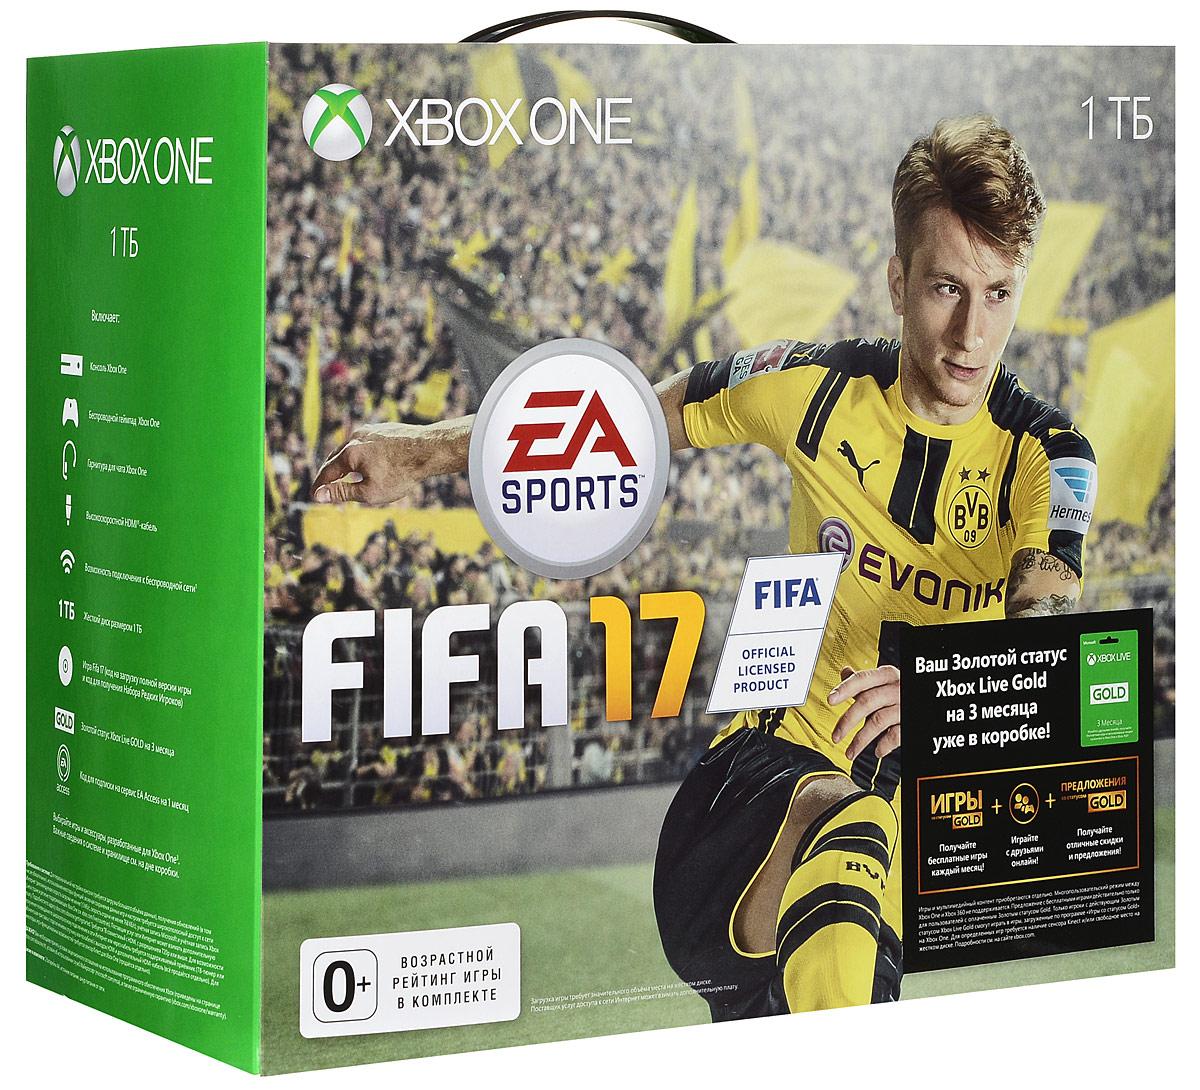 Игровая приставка Xbox One 1 ТБ + FIFA 17